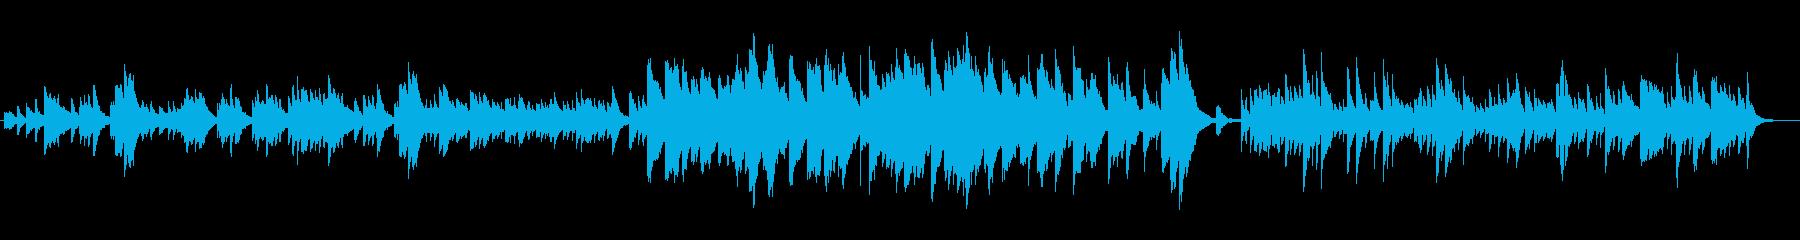 ハープのしっとり泣ける癒しのメロディの再生済みの波形